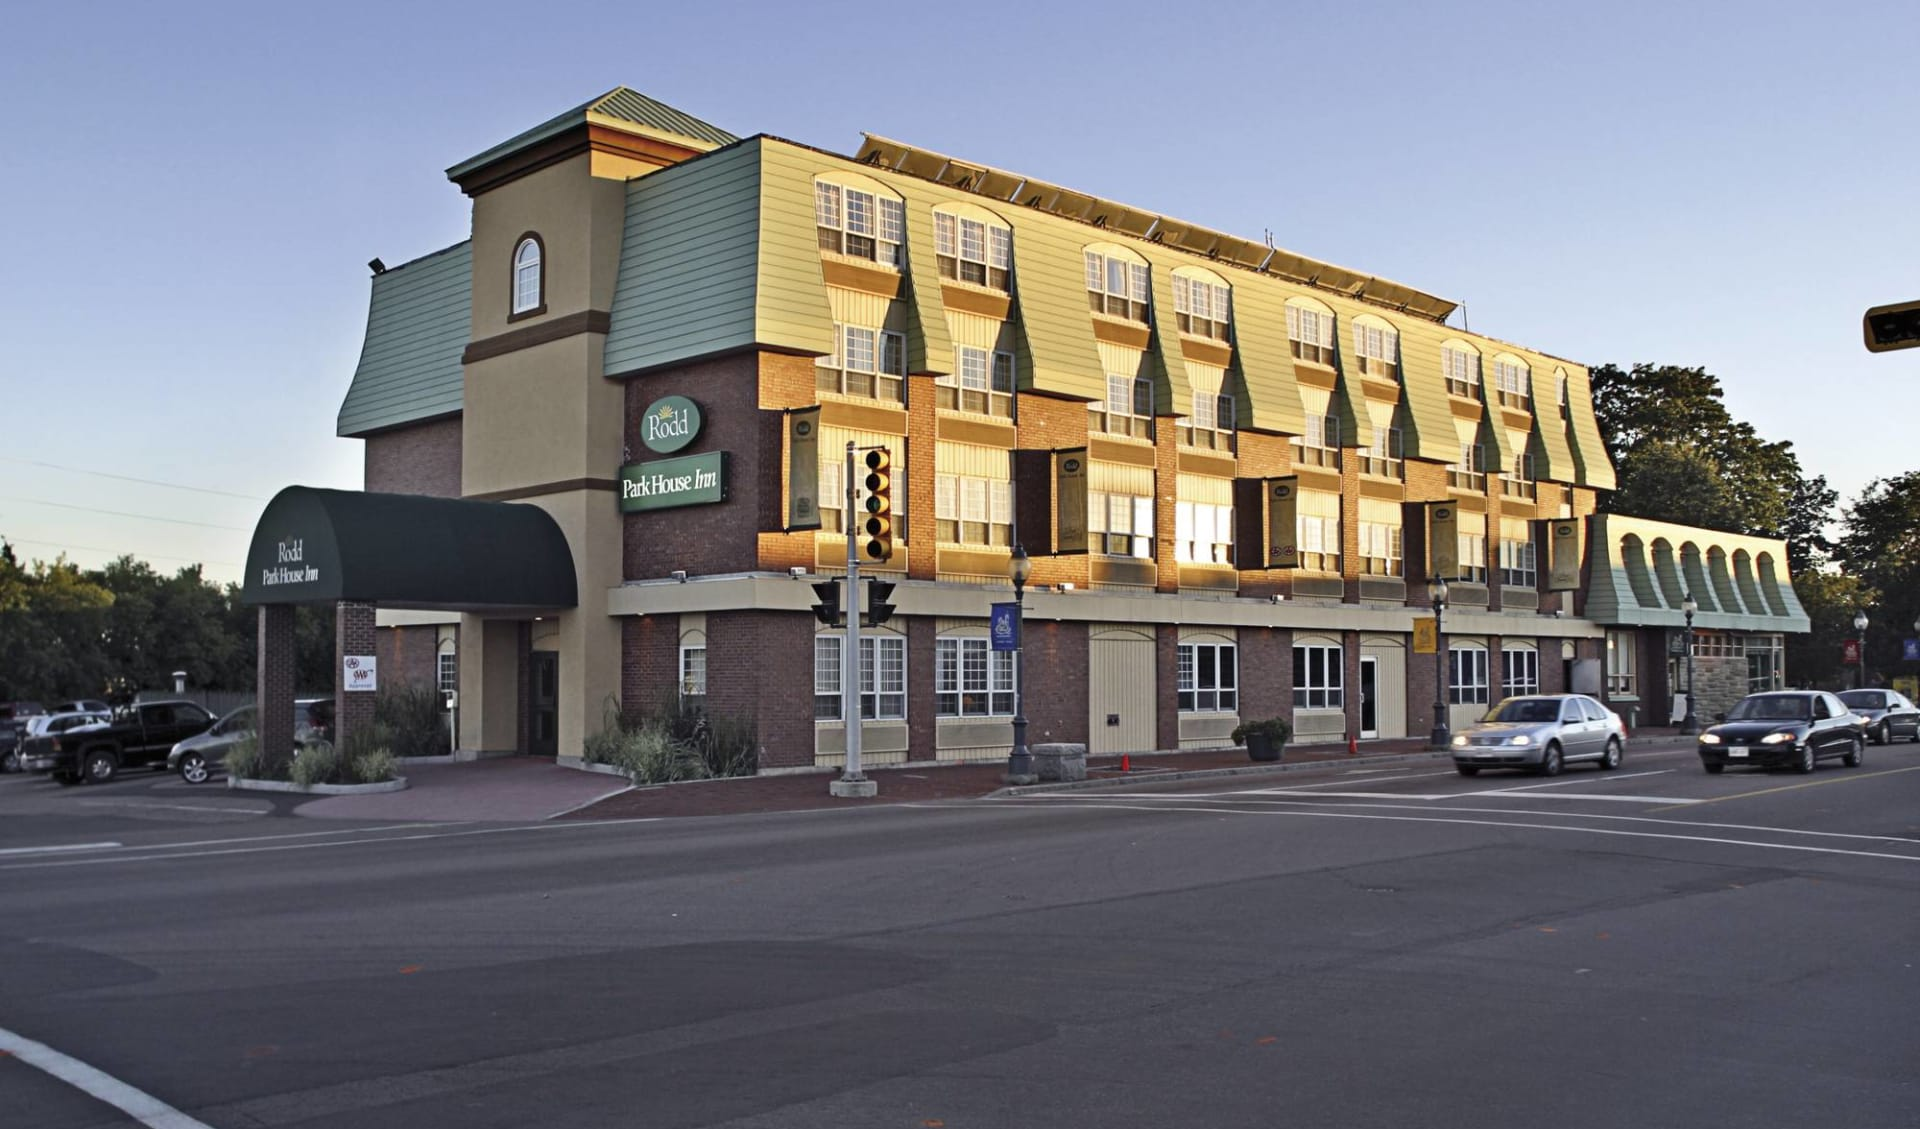 Rodd Moncton: _ exterior Rodd Moncton Aussenansicht vom Hotel